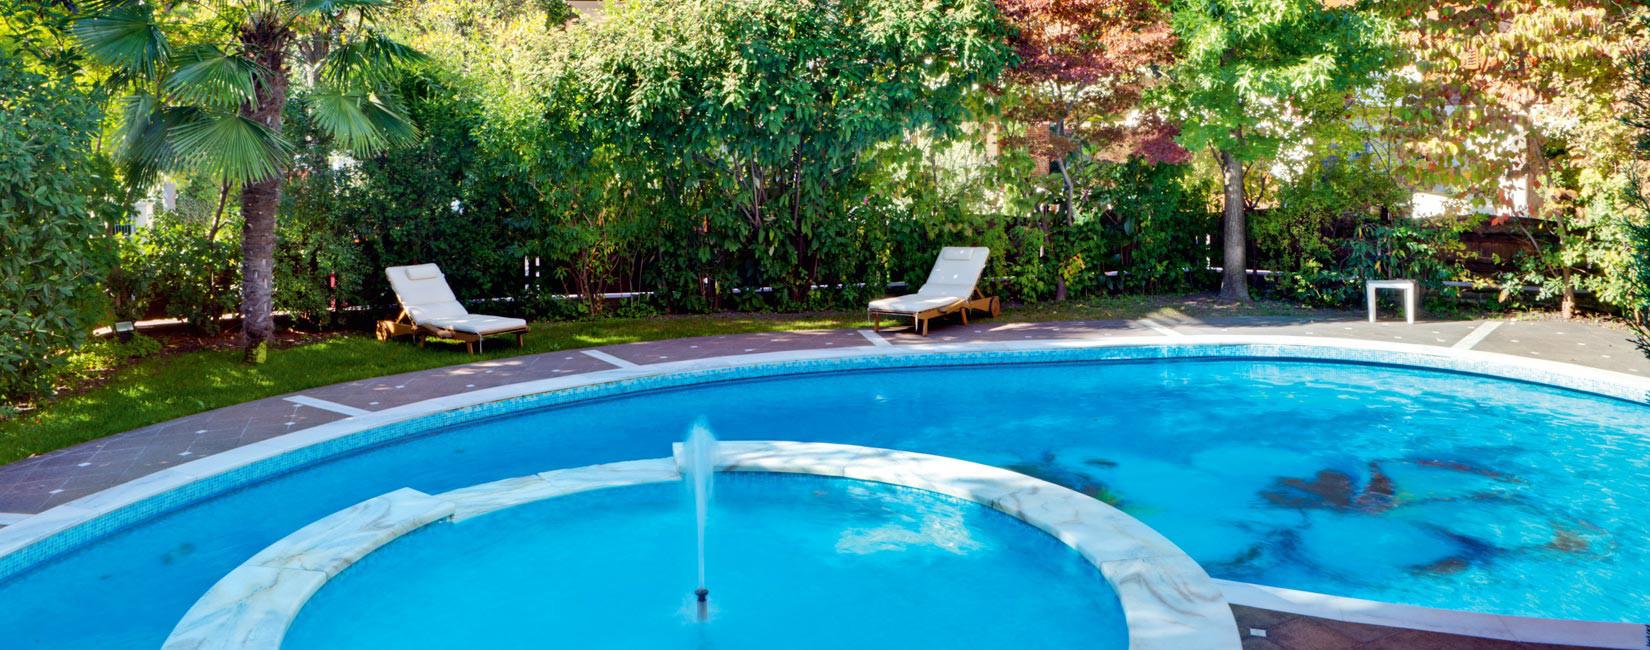 Hotel meran mit schwimmbad hotel sittnerhof for Hotel munster mit schwimmbad